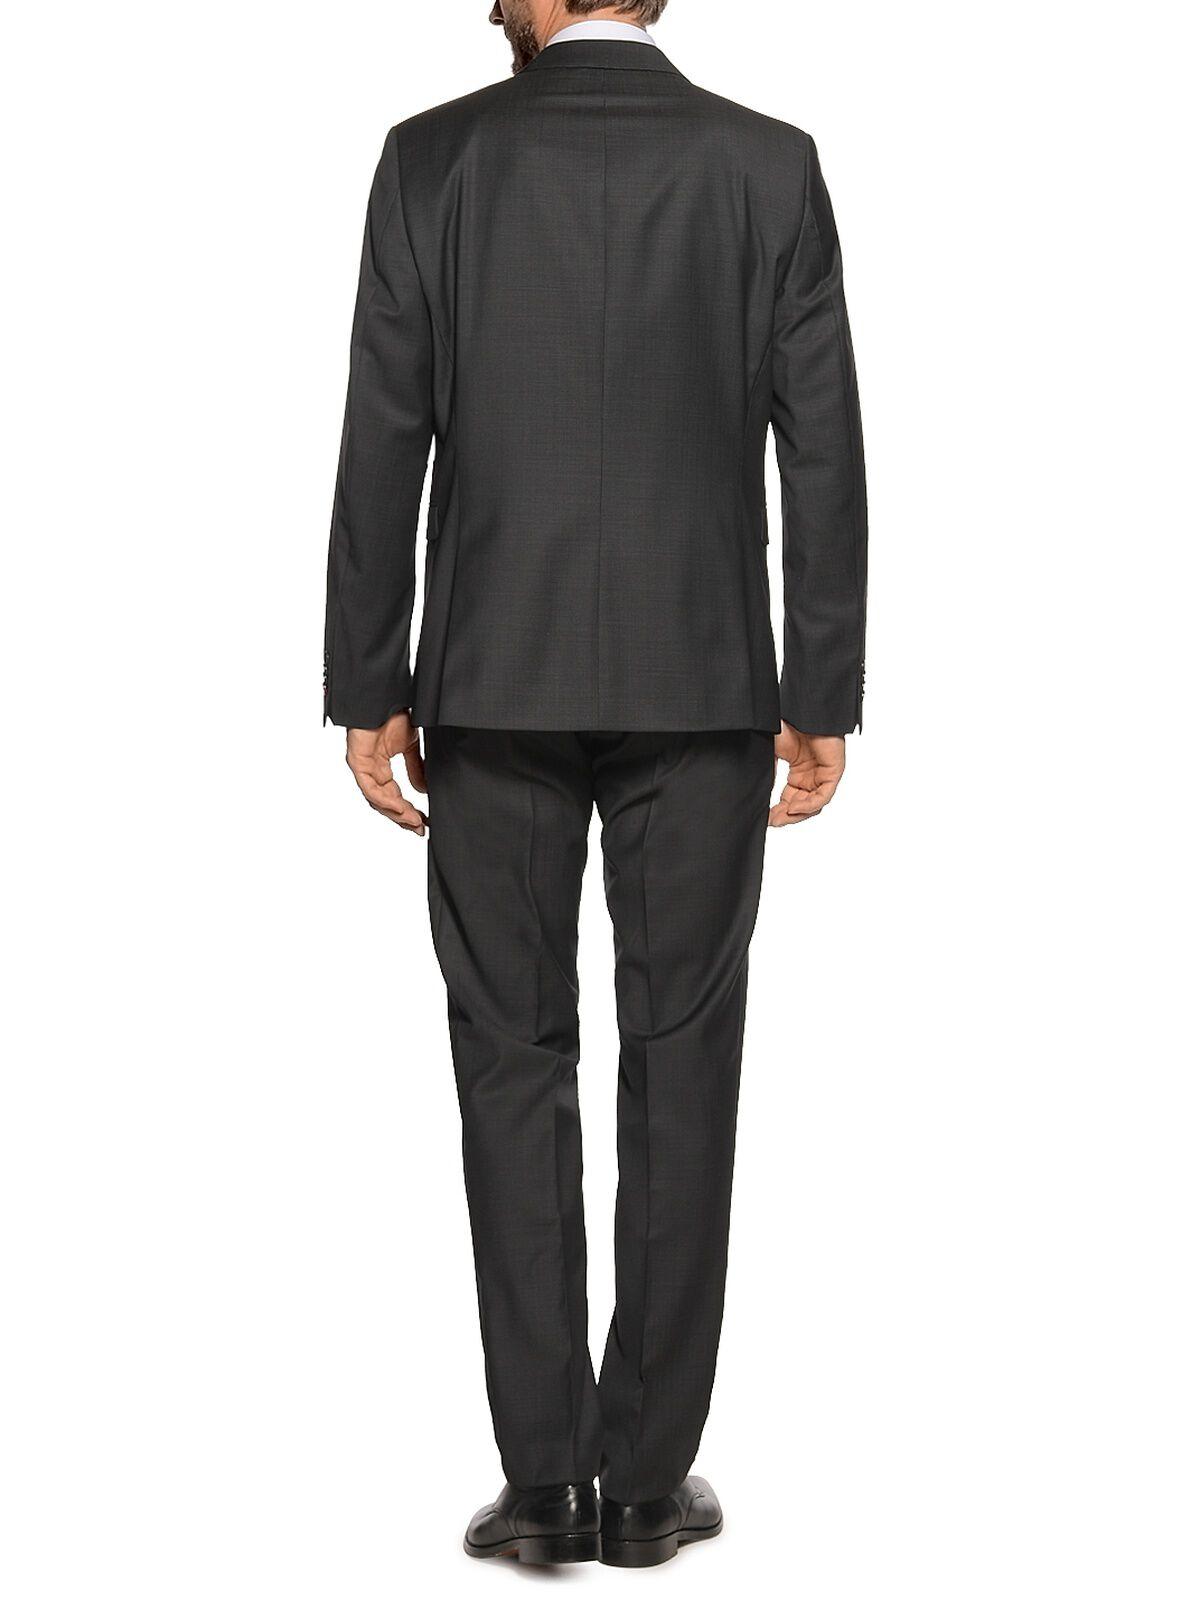 Cimelotti S Slim-Fit Suit Jacket